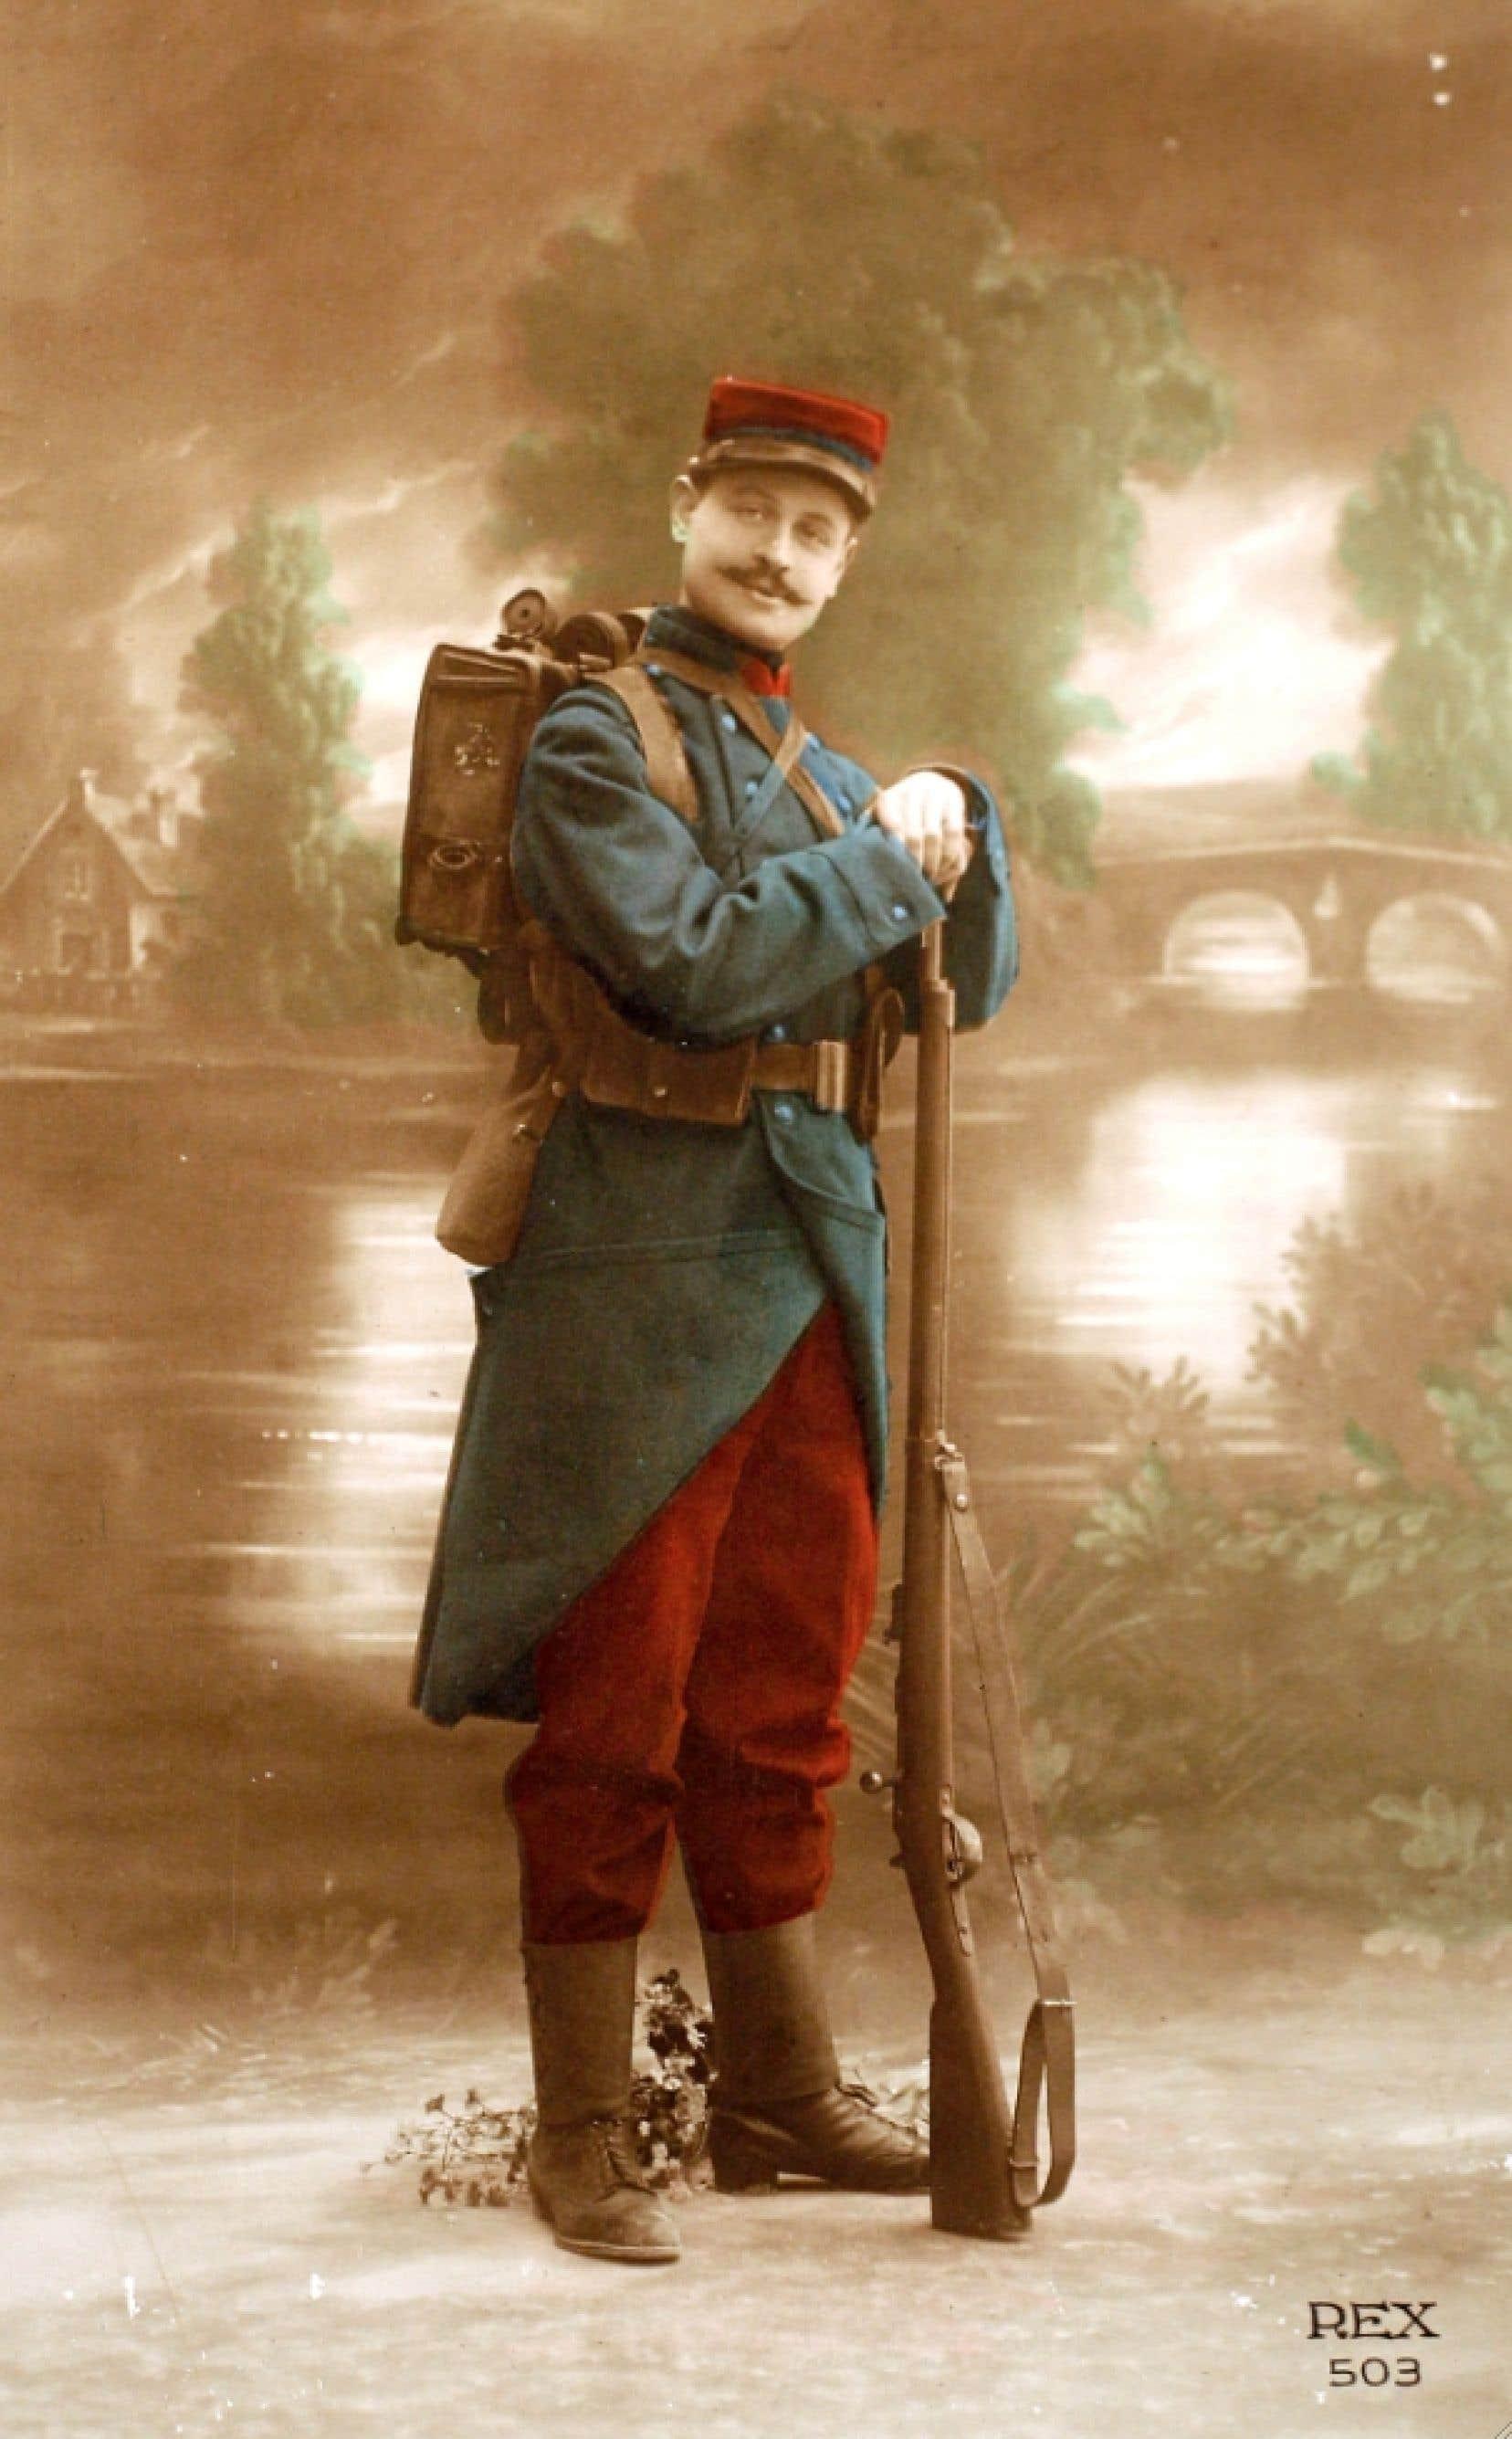 Carte postale colorisée montrant un fantassin français prêt à monter à l'assaut en pantalon rouge garance, du nom de cette plante qui produit un rouge visible à des mètres à la ronde, au début de la Première Guerre mondiale en 1914.